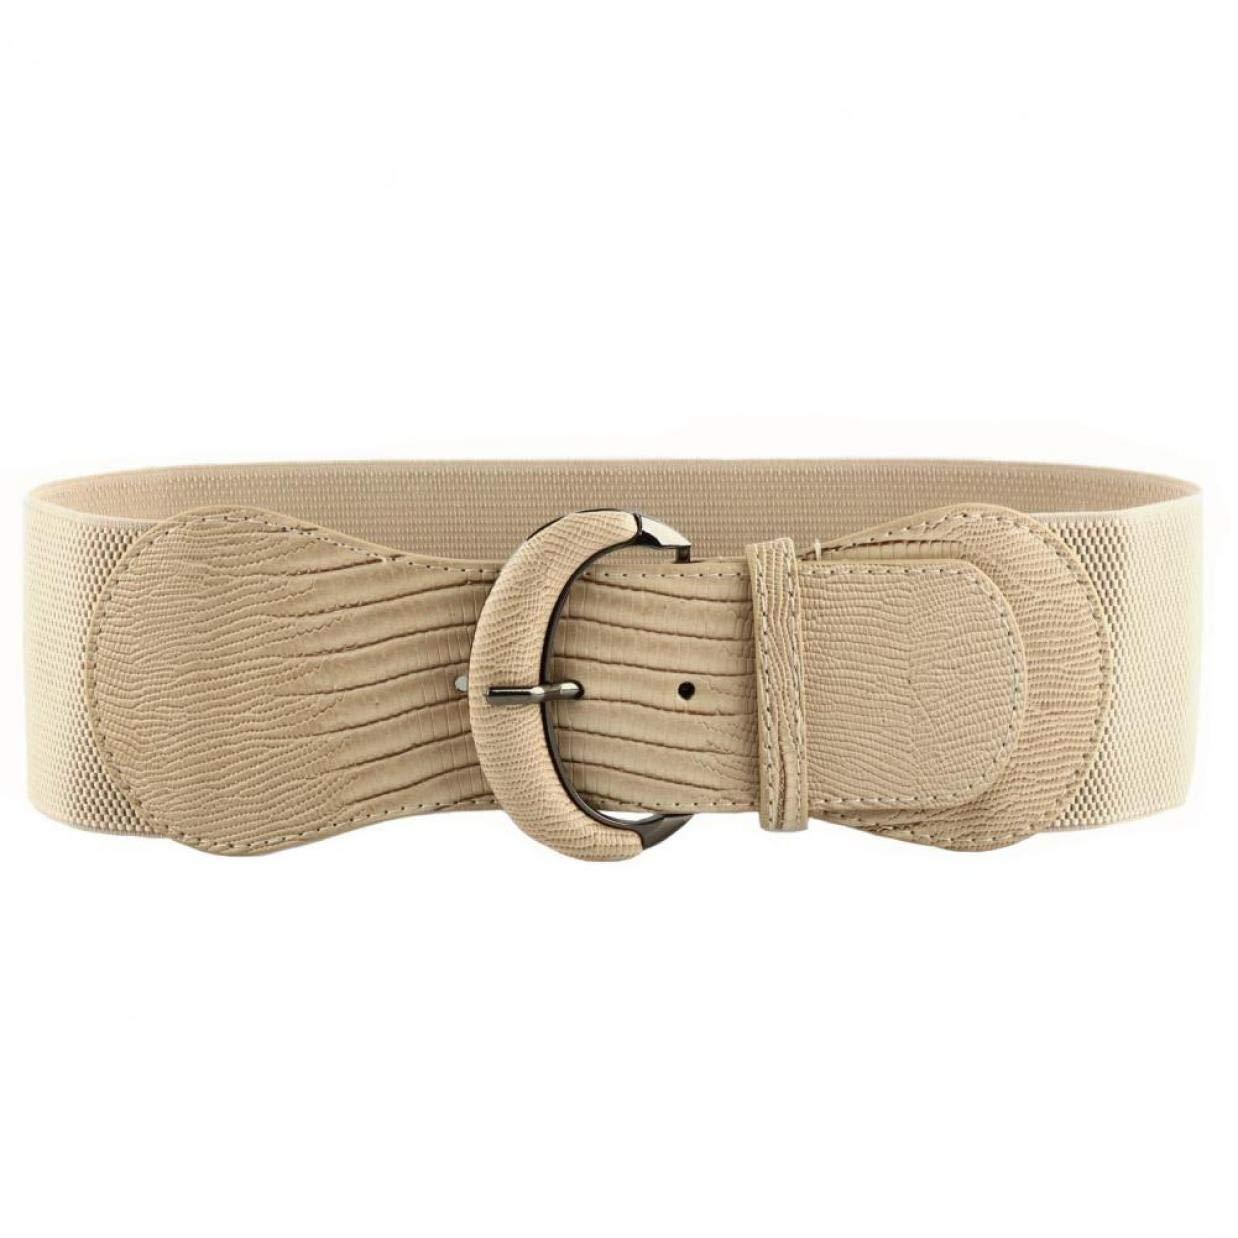 TALLA L(33.1''-40.6''). WODISON Mujer Vintage Cinturón Plus Ancho Elástico de Estiramiento